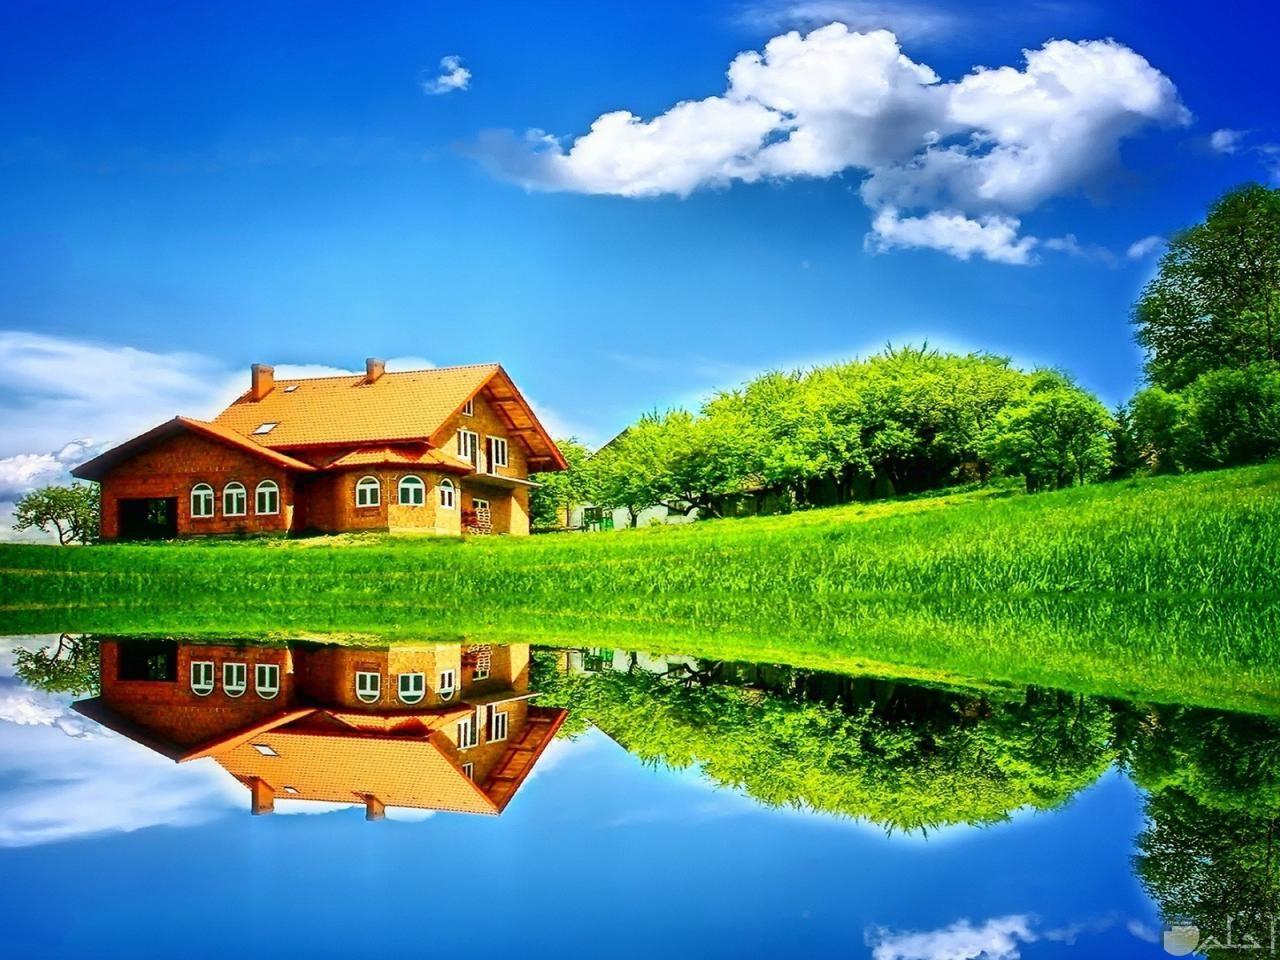 منزل ريفي وسط الحقول خلاب